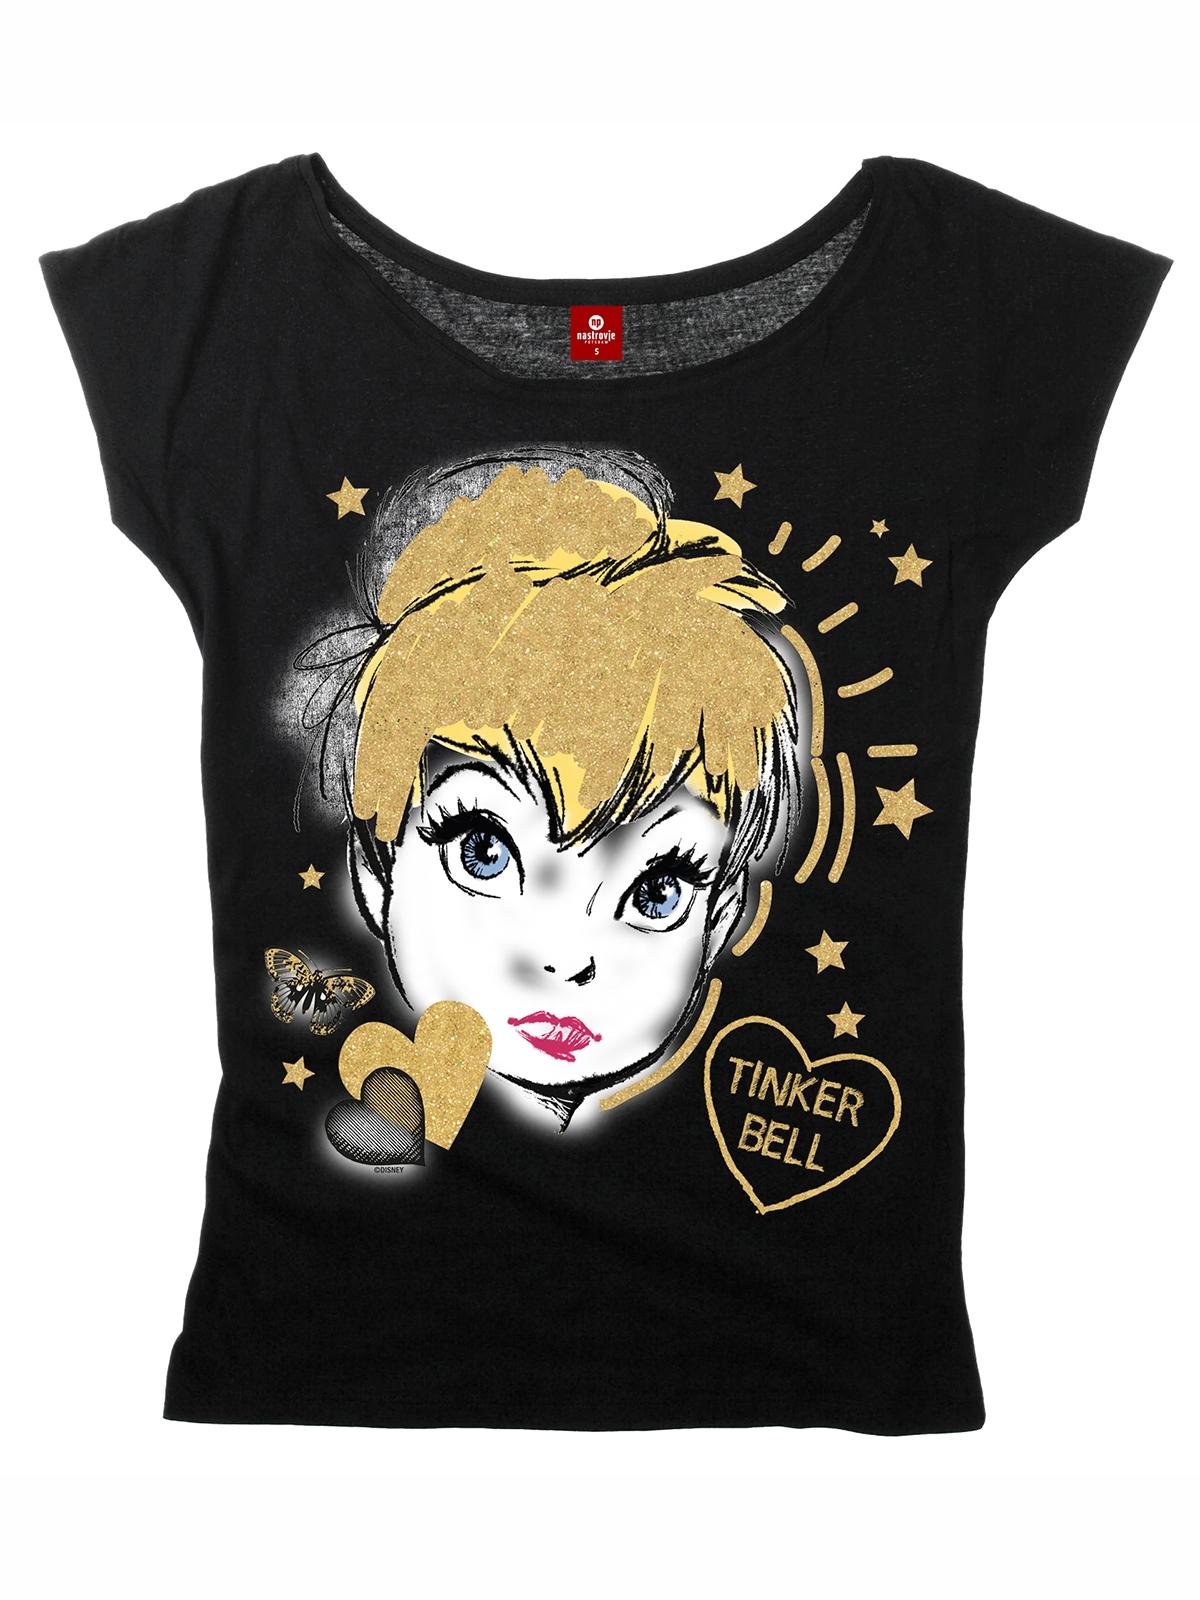 Oberteile für Frauen - Tinkerbell Golden Tink Girl Loose Shirt schwarz  - Onlineshop NAPO Shop